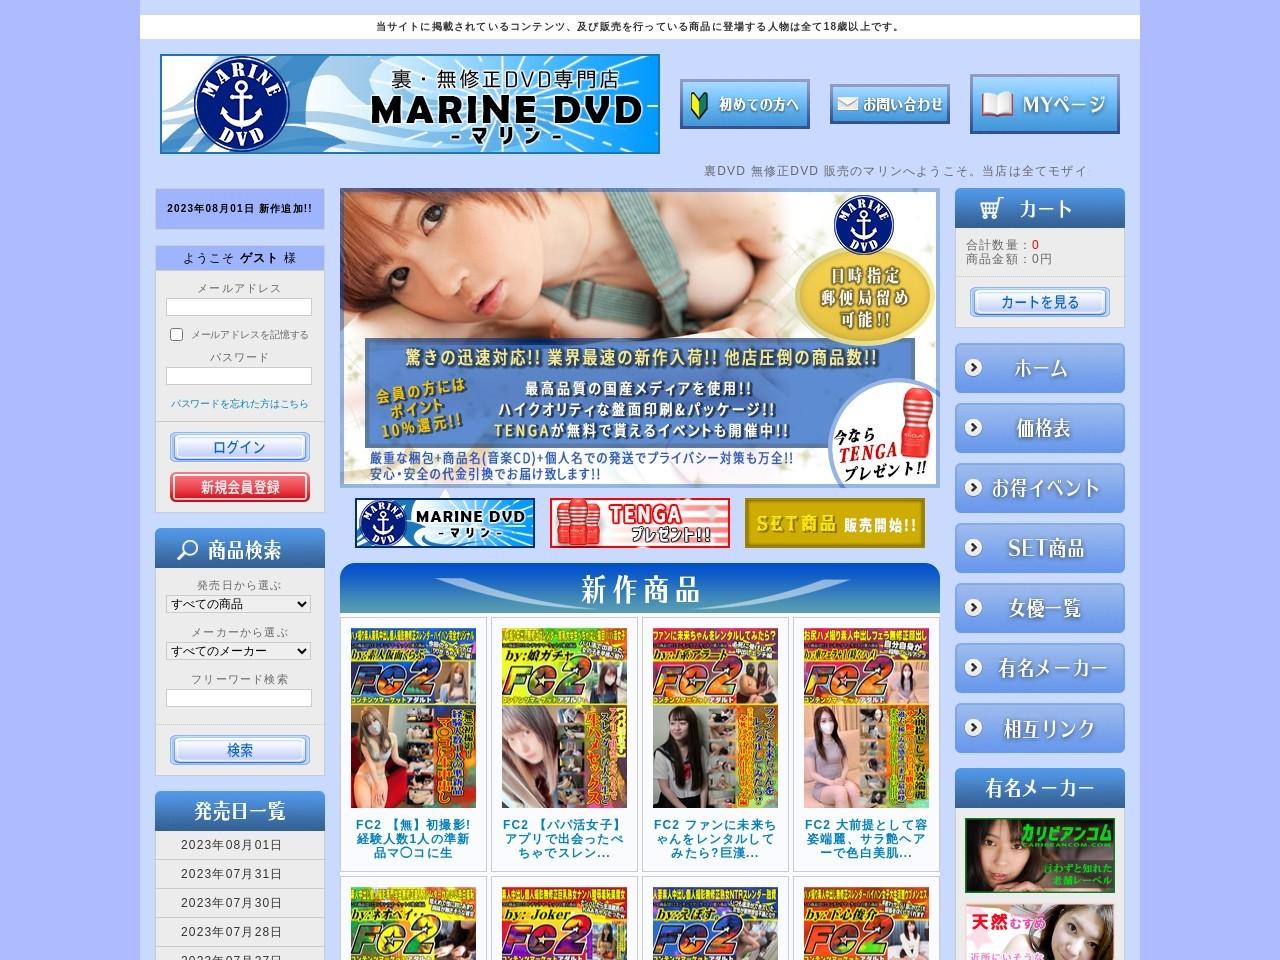 外部サイト:裏DVD 無修正DVD販売のマリン